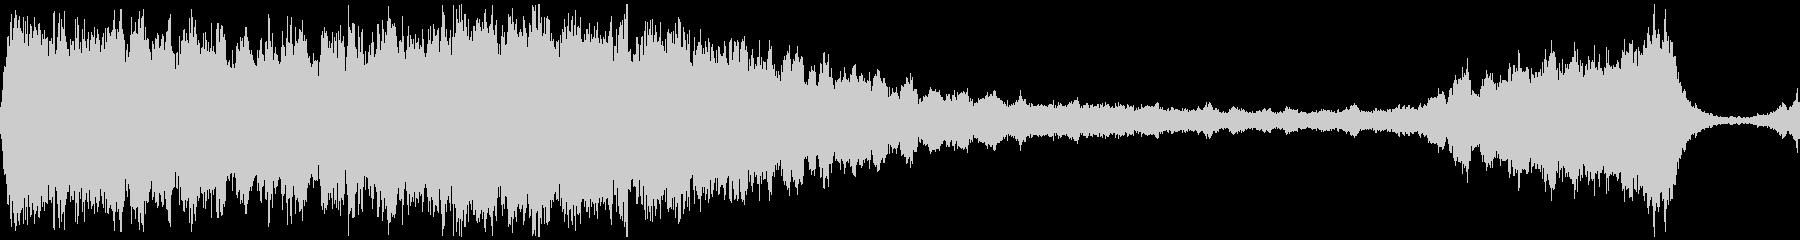 D/つらい儚い弦楽のBGM 映像制作向けの未再生の波形